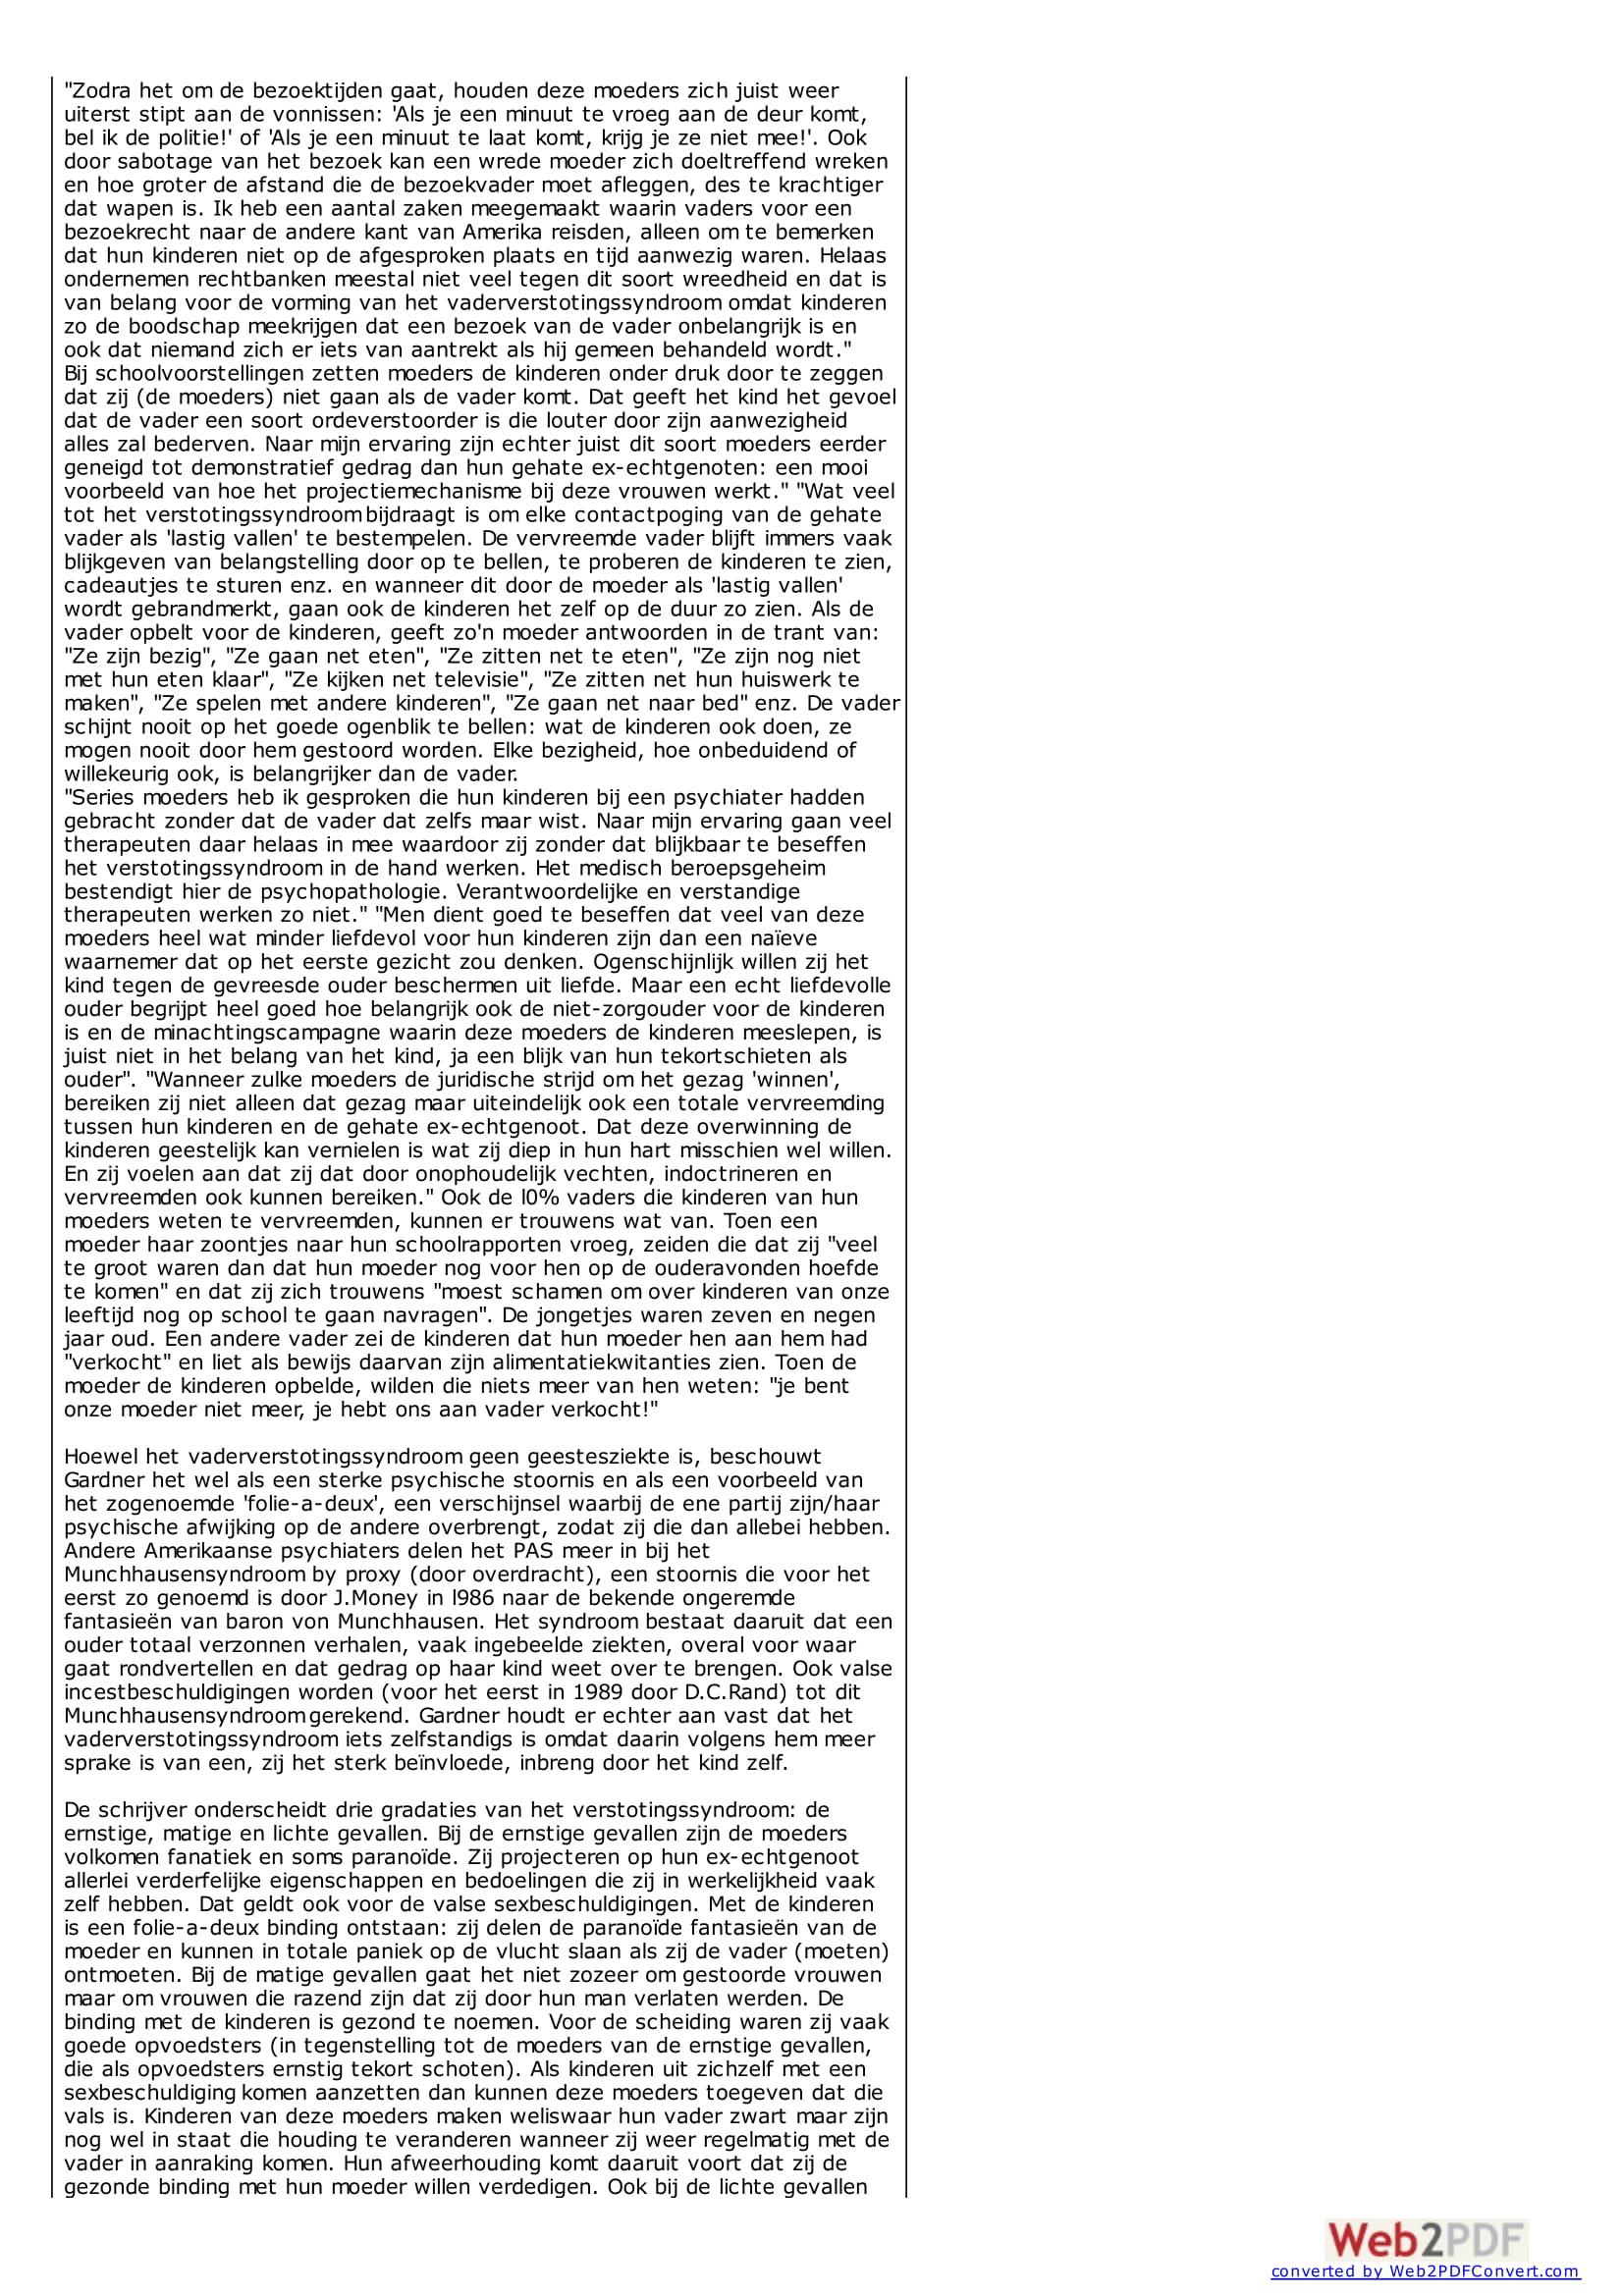 ouderverstoting-ned-robaltena-2jpg